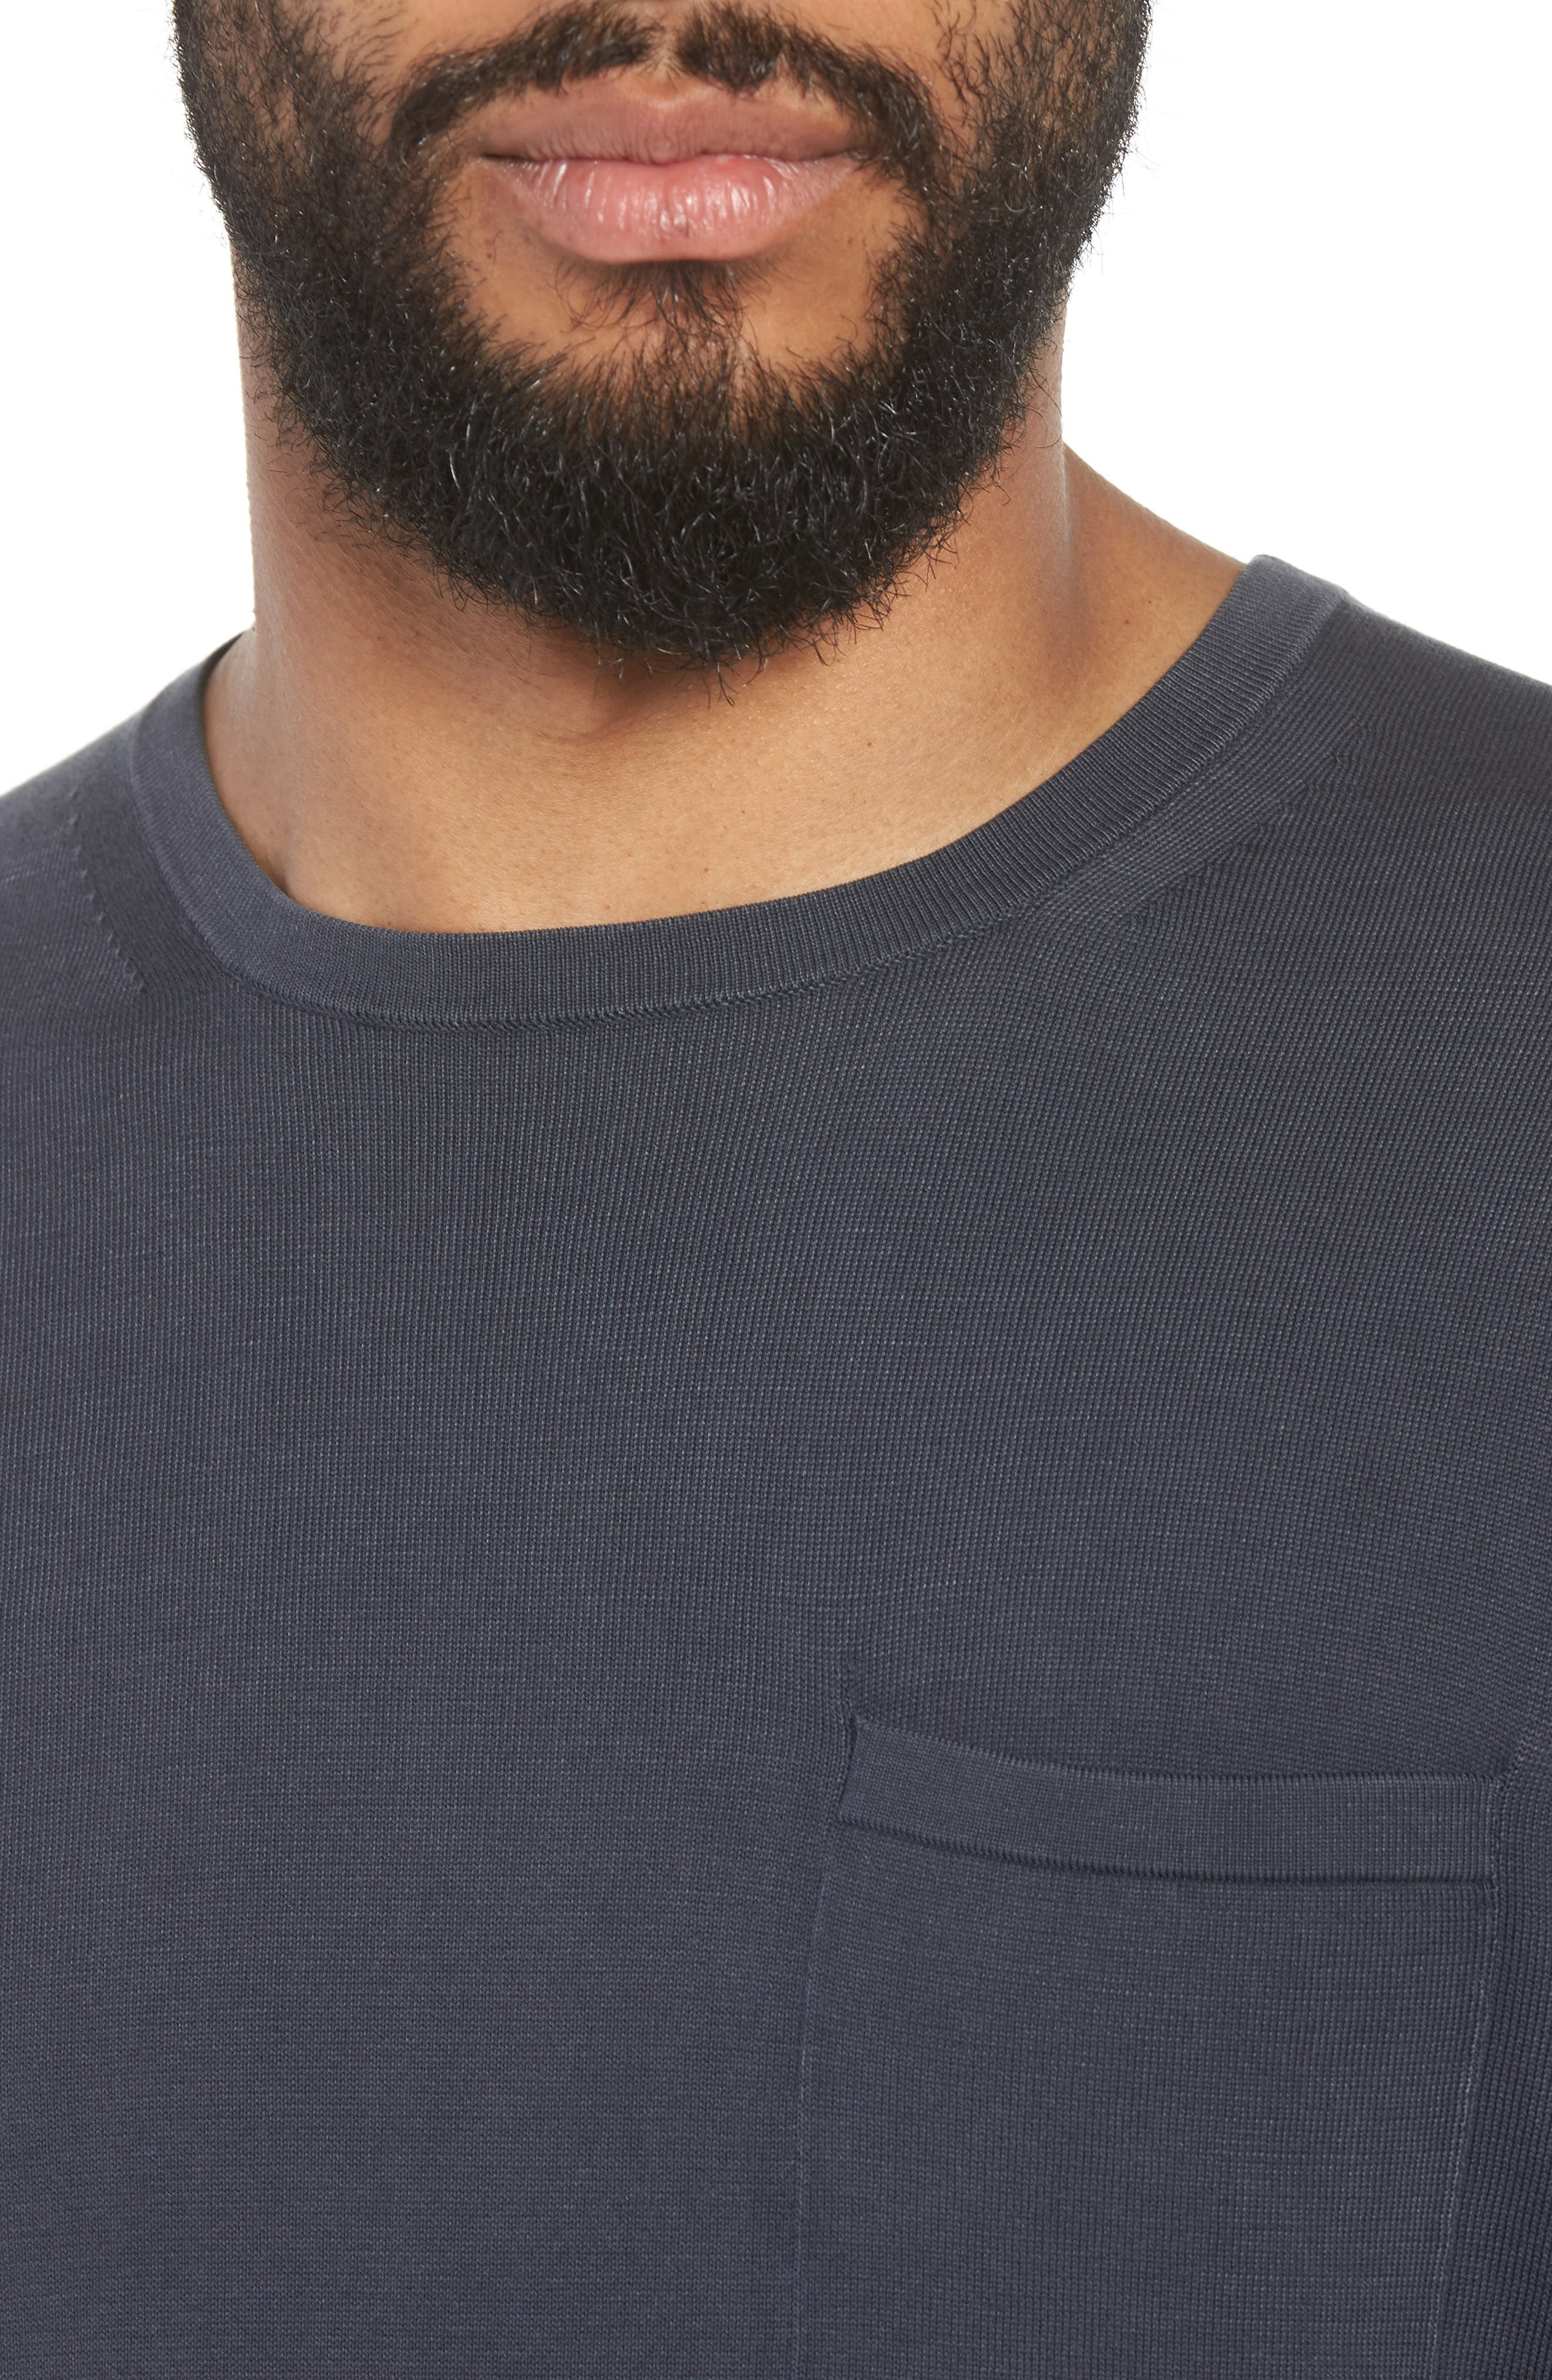 Crewneck Cotton Sweater,                             Alternate thumbnail 4, color,                             061